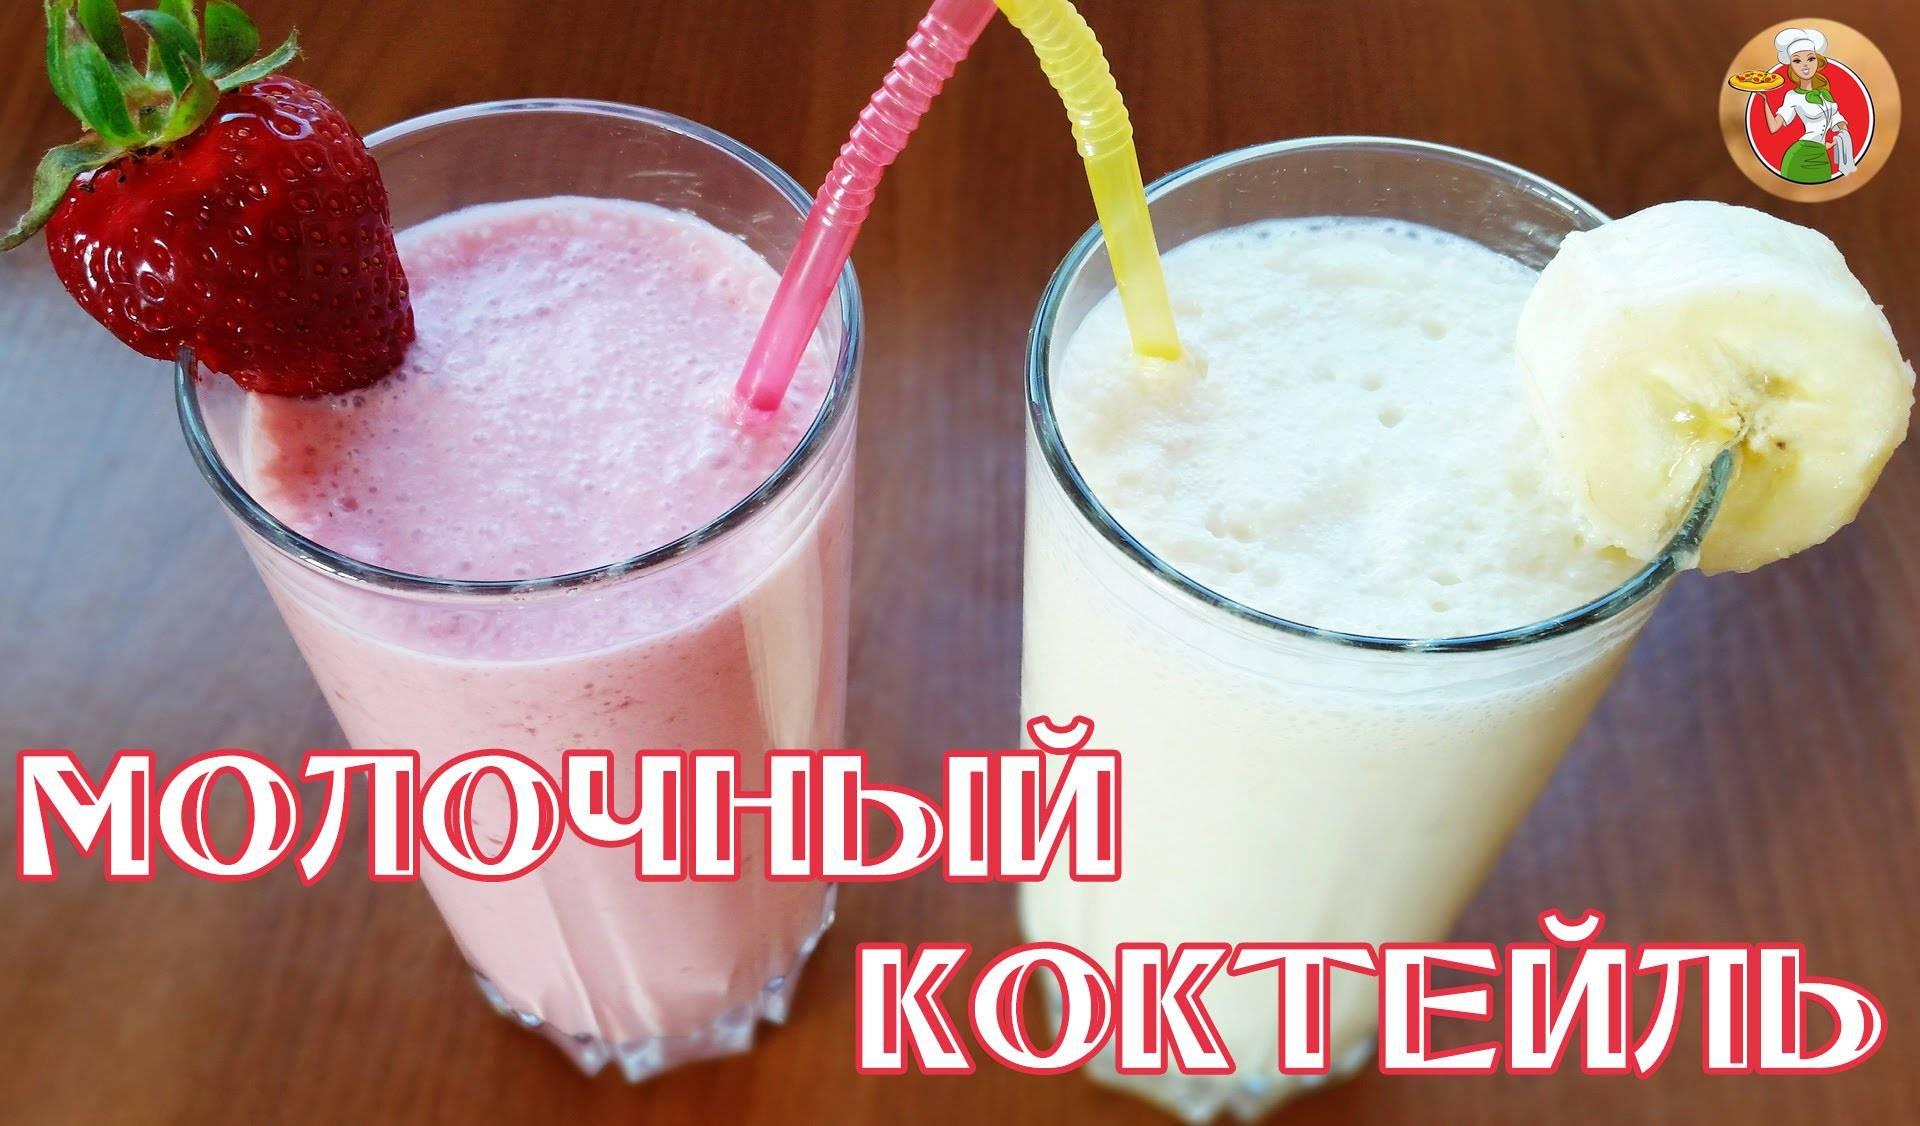 Рецепты молочных коктейлей в блендере с фото